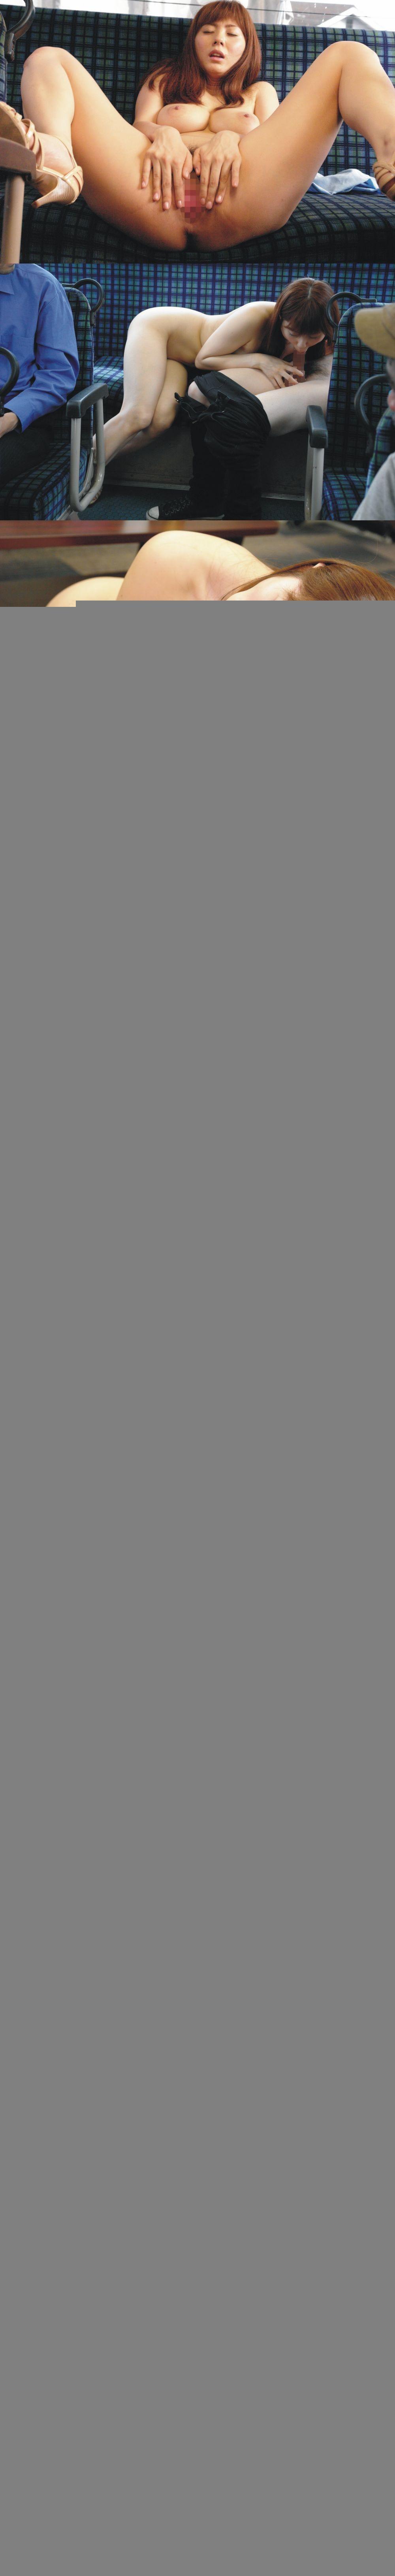 [DV 1212] ヌーディストの女 麻美ゆま DV